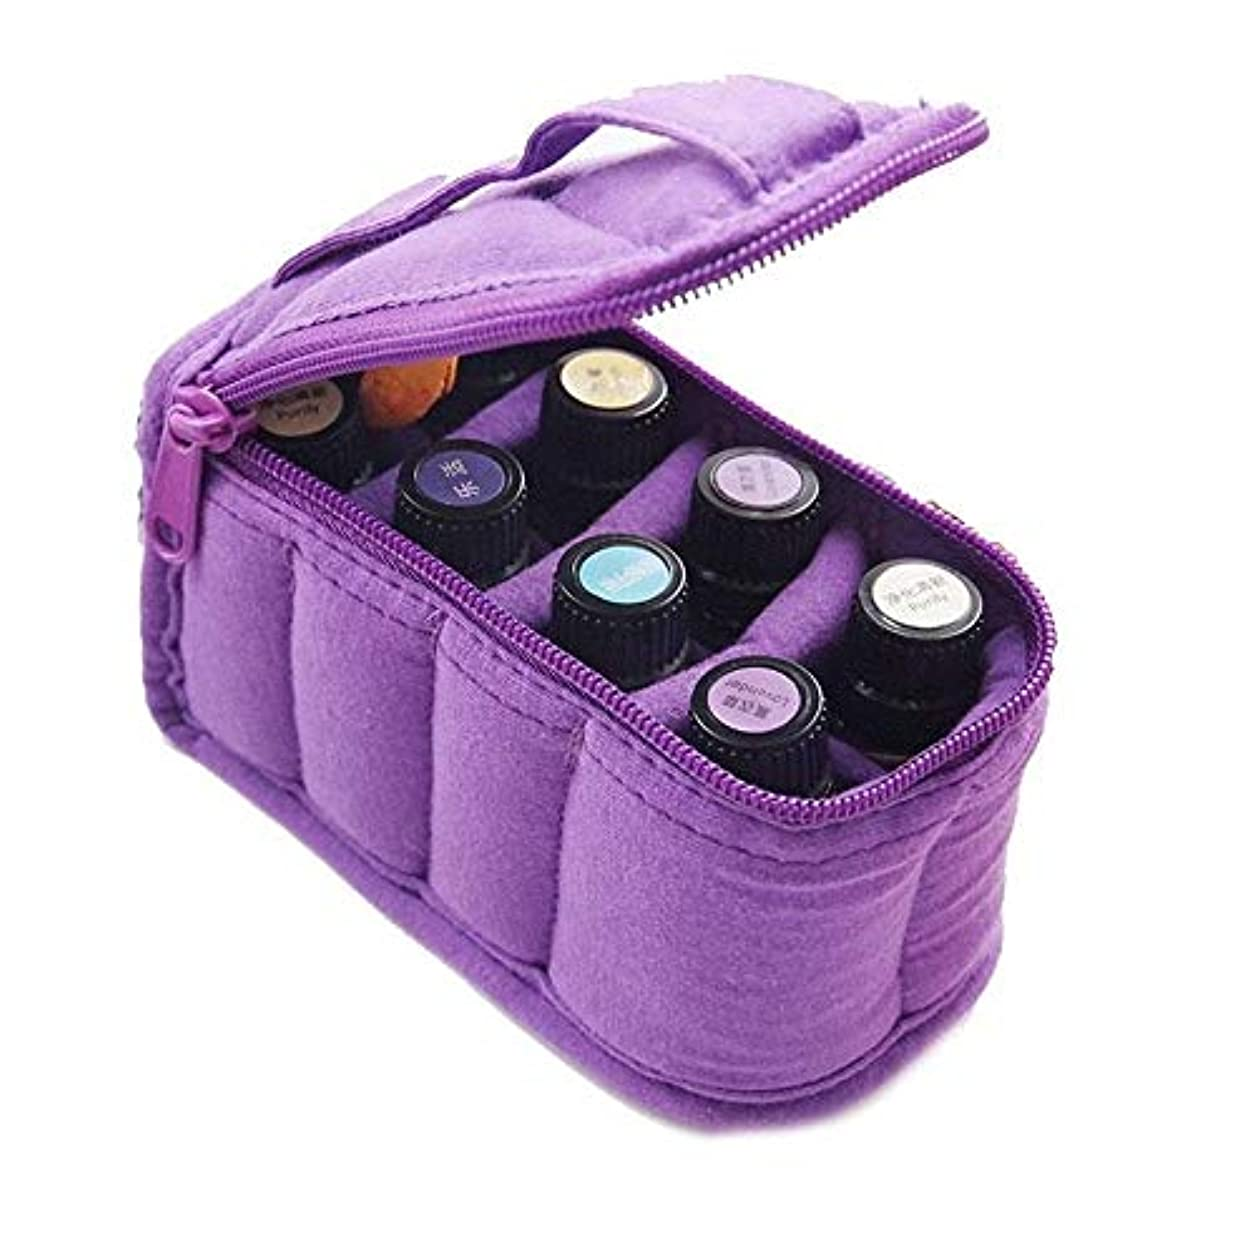 横向きマーガレットミッチェル適性エッセンシャルオイル収納ボックス ケースプレミアム保護キャリングエッセンシャルオイルは10-15MLエッセンシャルオイルオーガナイザーバッグ(トップのハンドルキャリー)開催します アロマオイル収納ボックス (色 : 紫の...